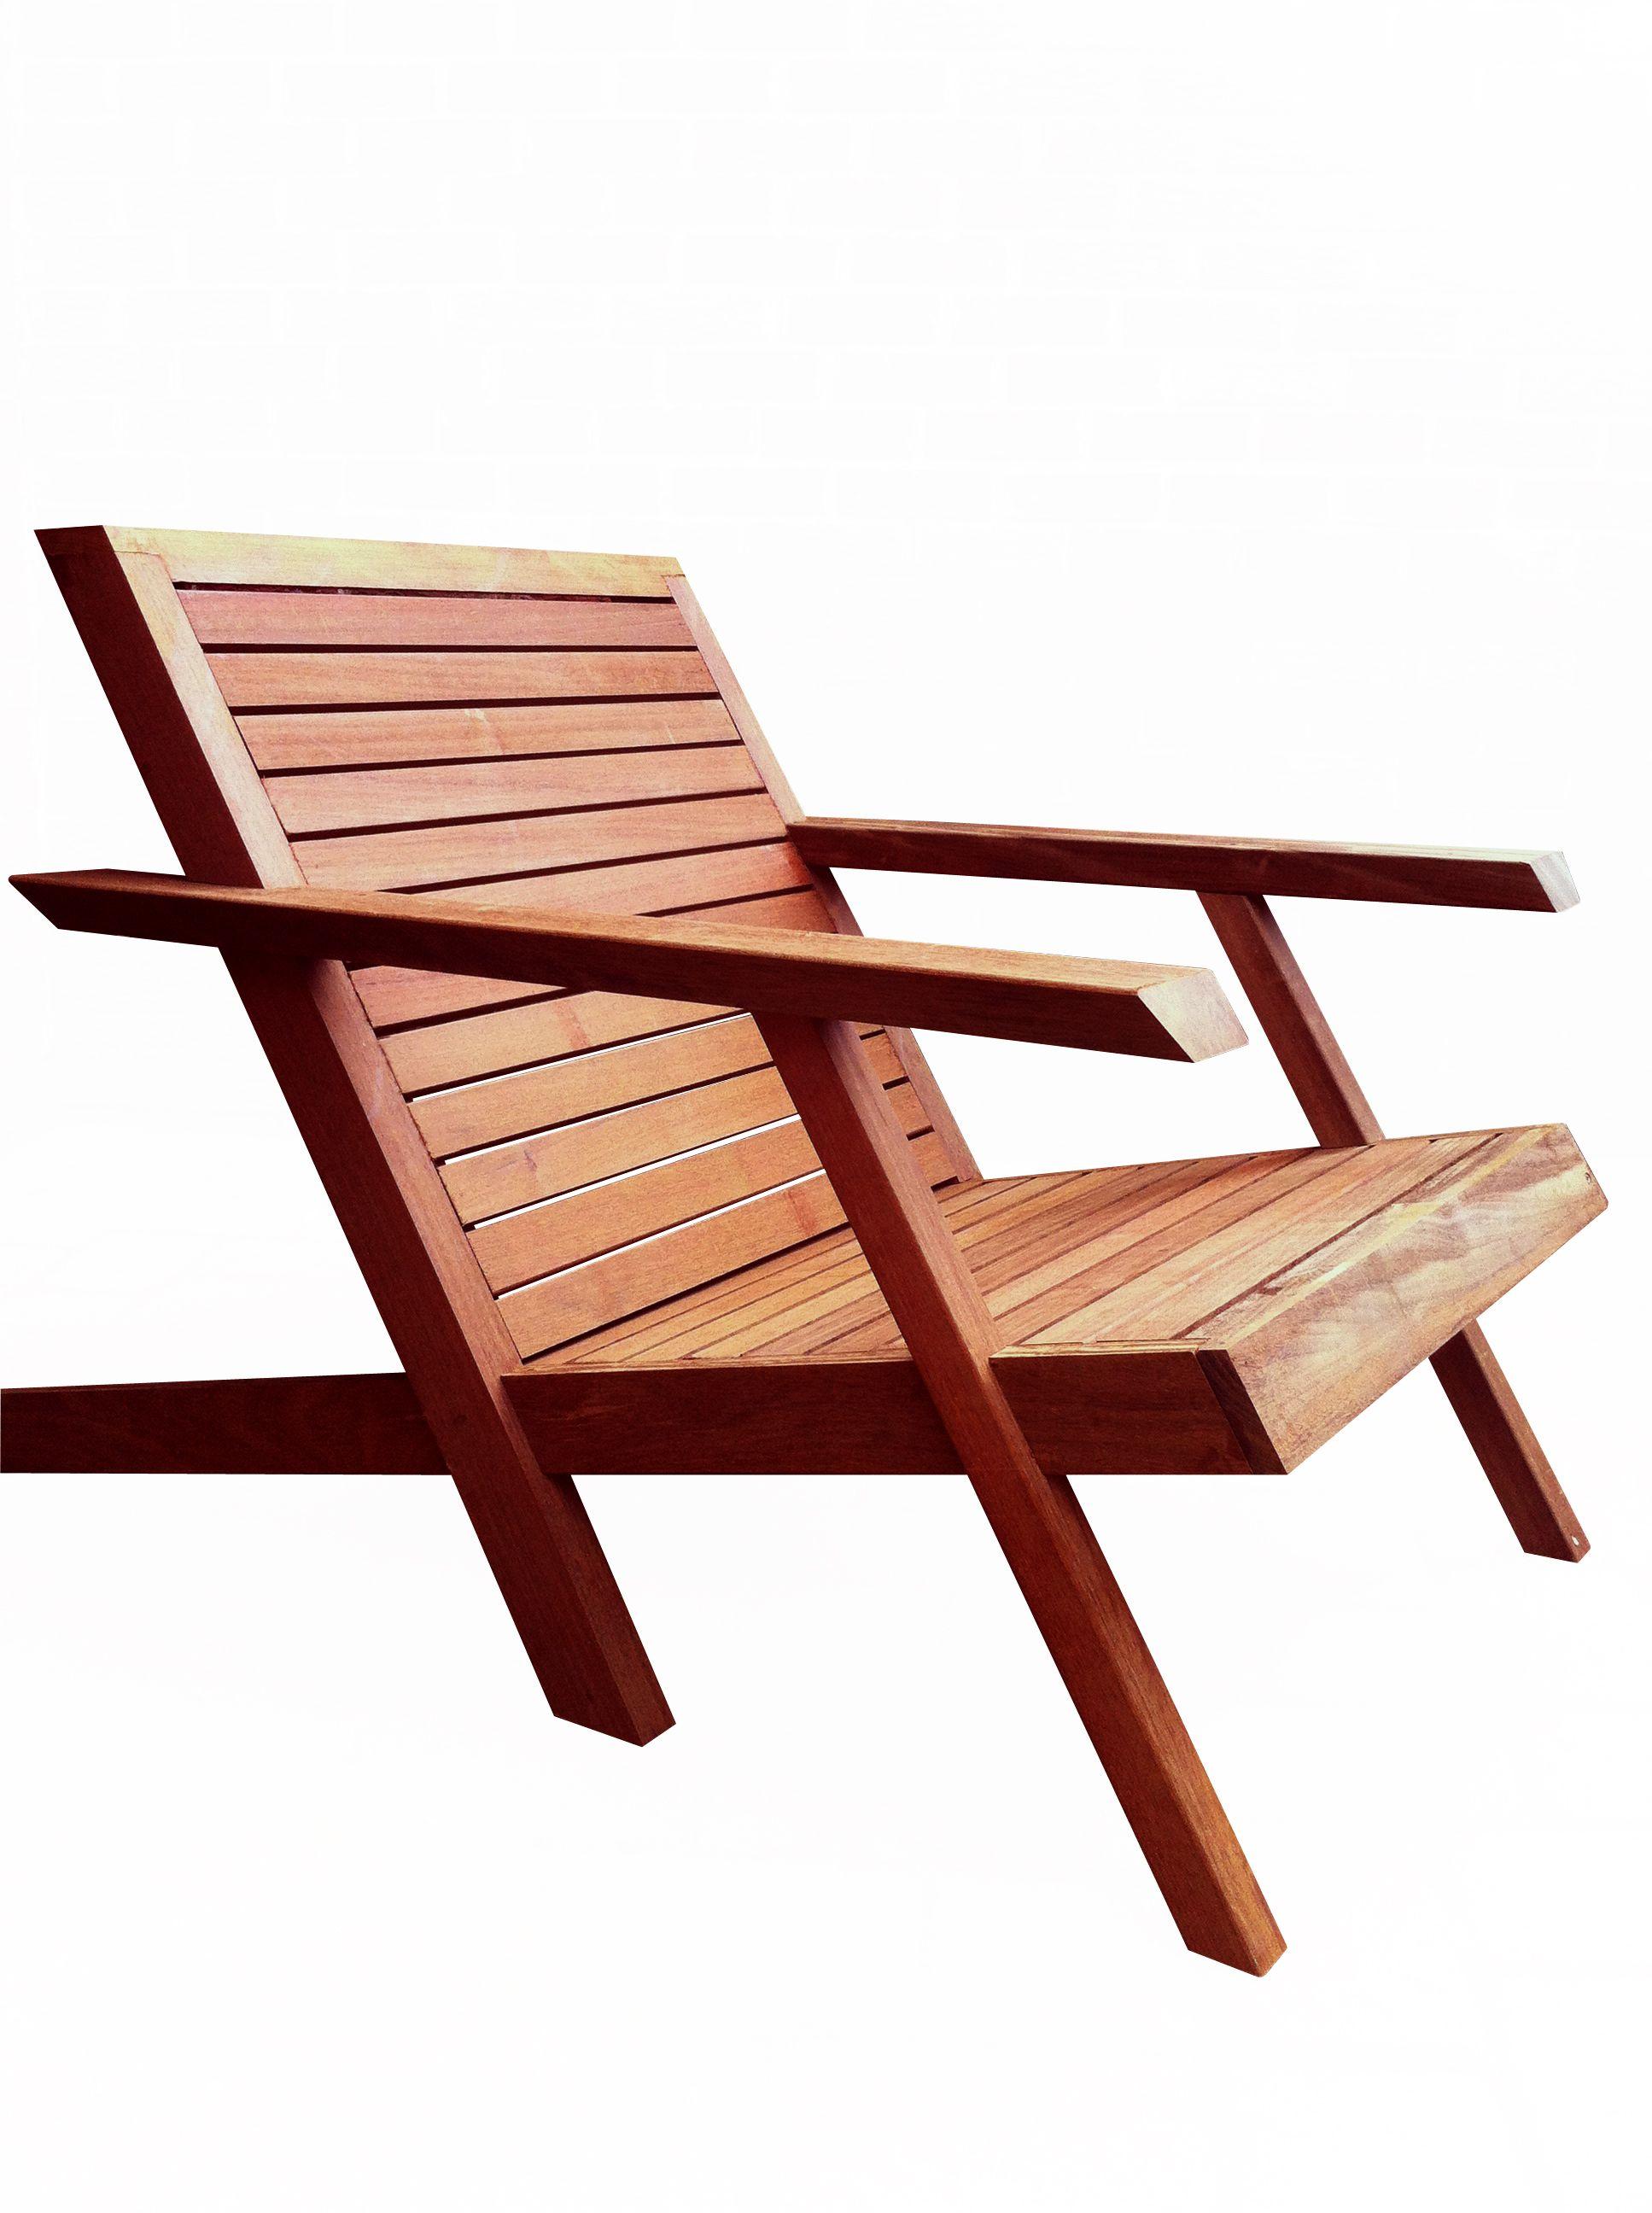 modern adirondack chair kids recliner endgrainfurniture endgrain